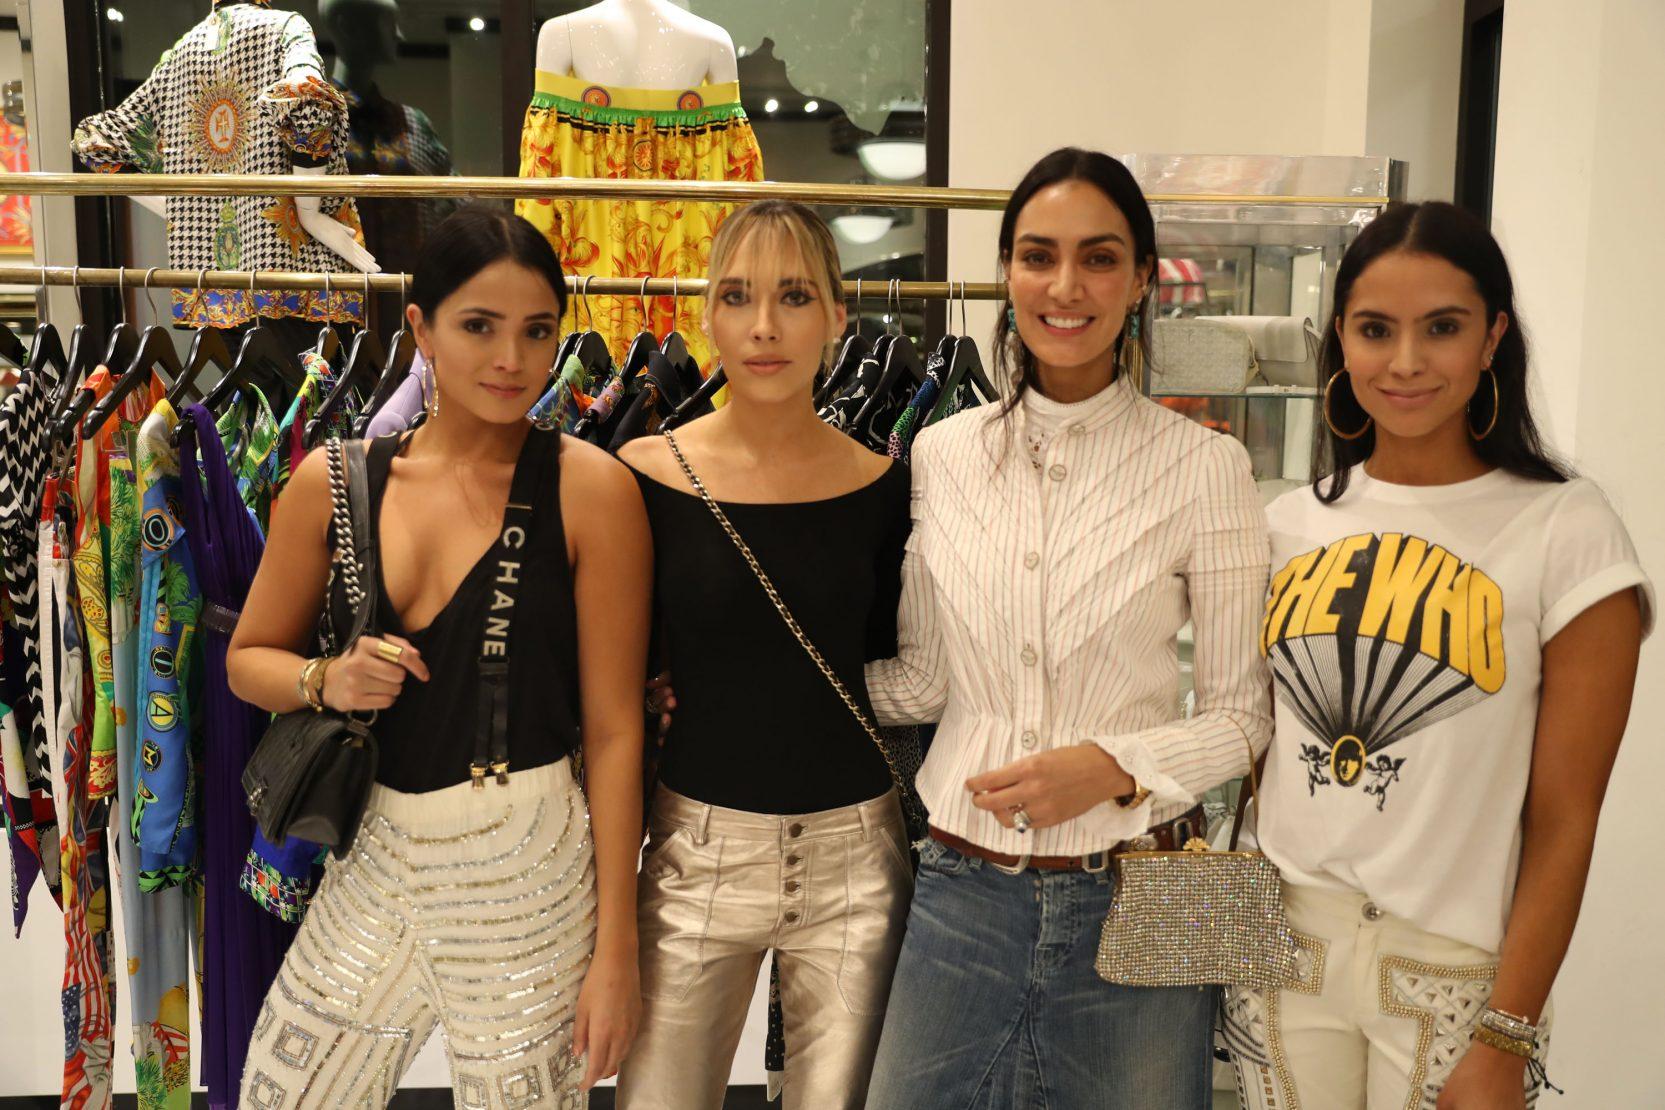 Eliana Salazar, Carolina Lindo, Jenny Lopez and Andrea Salazar